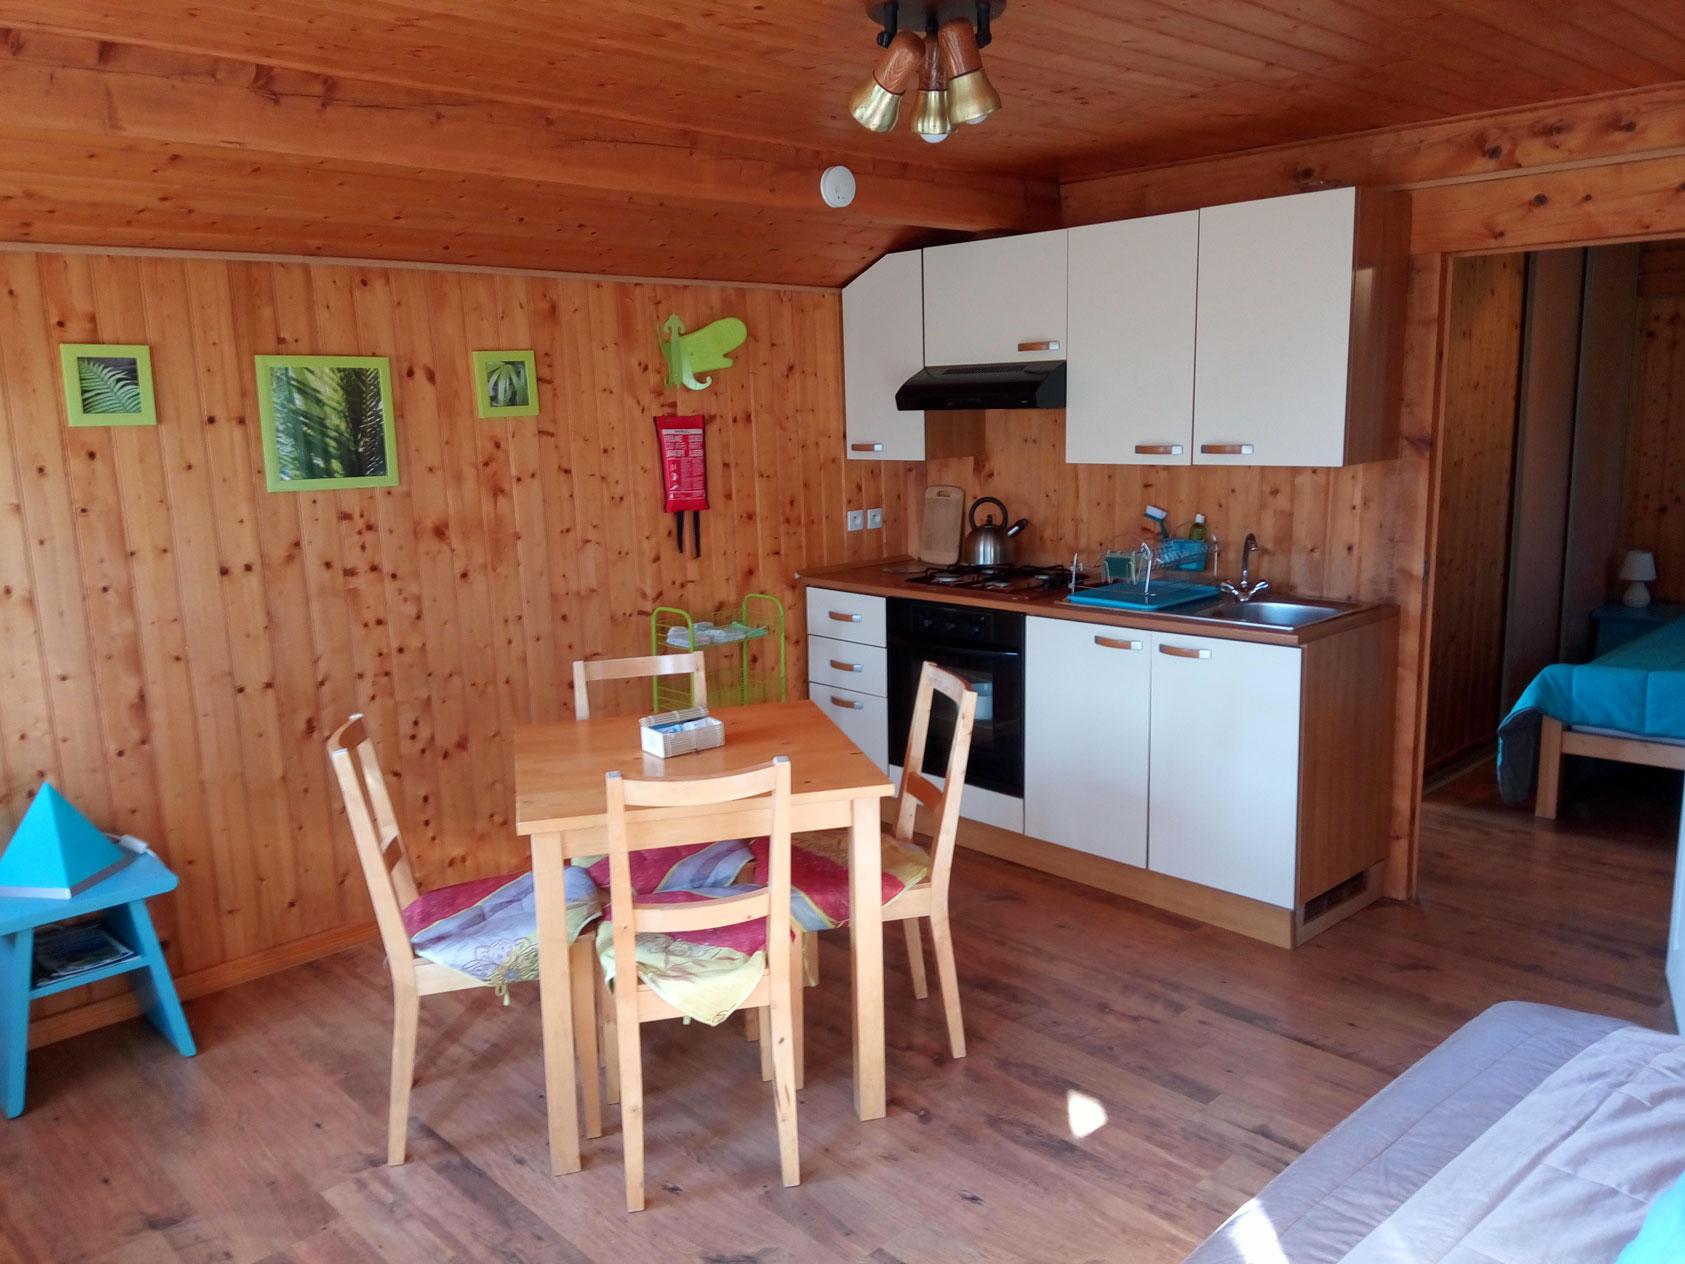 chalet-keuken-tafel-br-1685-pix-WEB